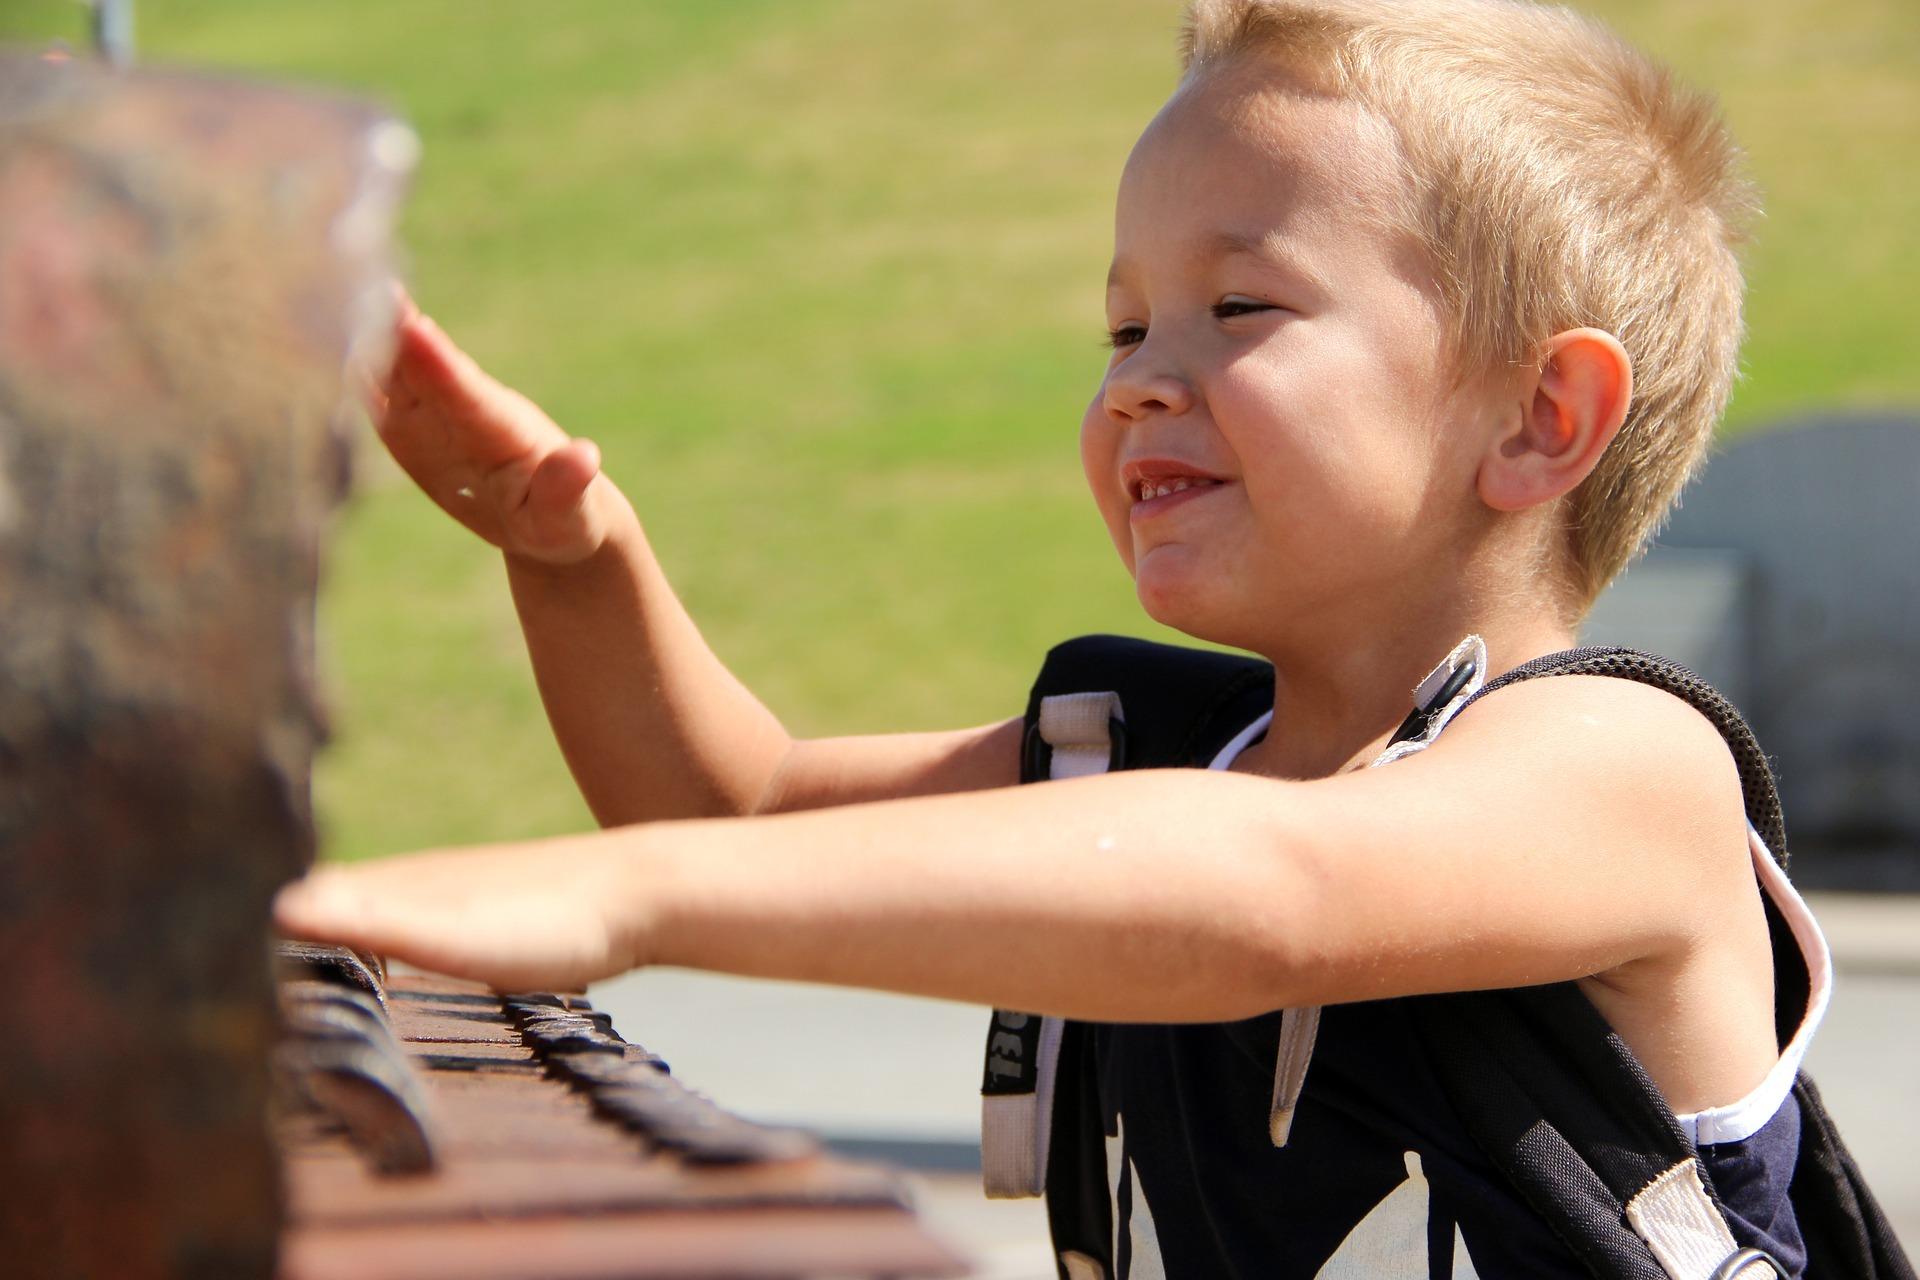 Attività per bambini dagli 8 mesi: facciamo la musica!